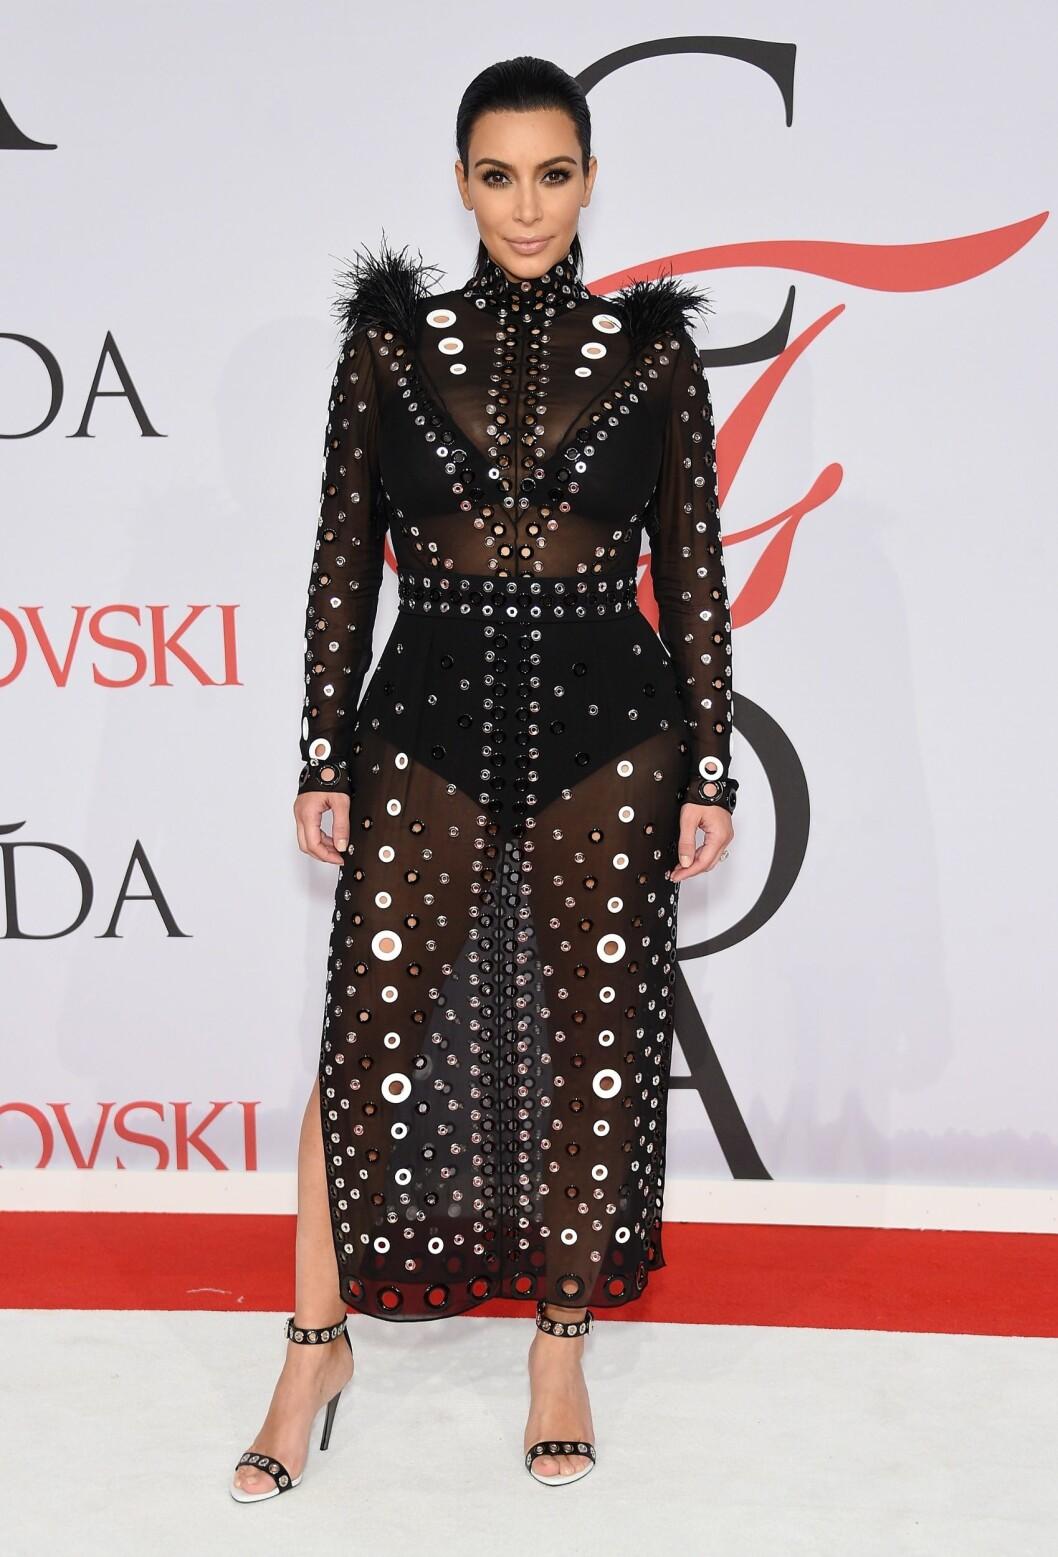 GJENNOMSIKTIG: Kjolen til Kim er fra Proenza Schouler. Foto: Afp